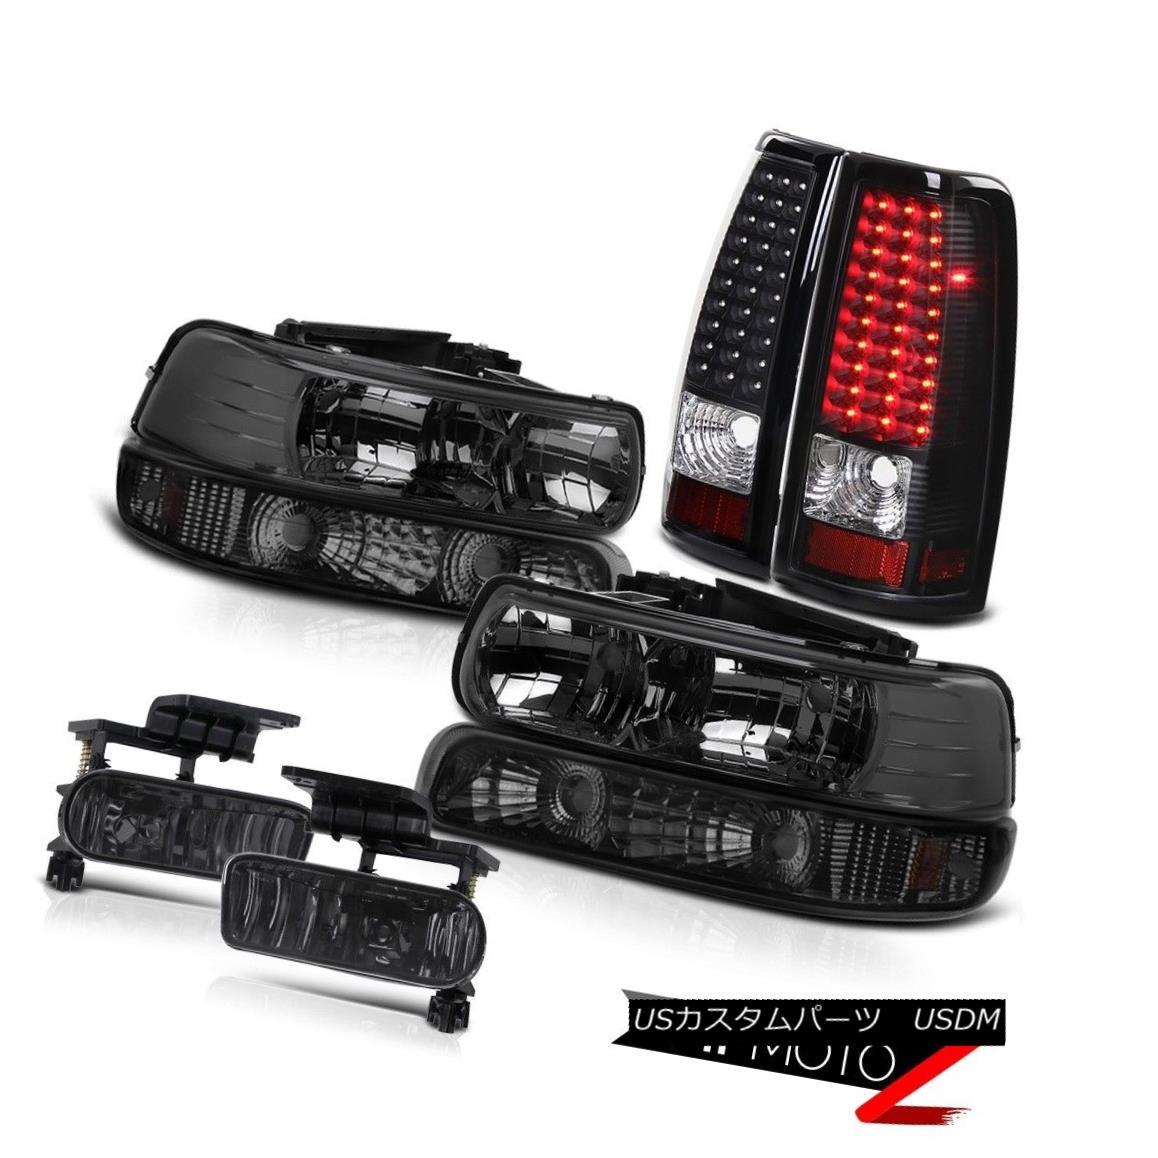 ヘッドライト 1999-2002 Chevy Silverado SMOKE 6PC Headlights+Bumpers+Foglights+LED Tail Lights 1999-2002 Chevy Silverado SMOKE 6PCヘッドライト+バーン pers +フォグライト + LEDテールライト